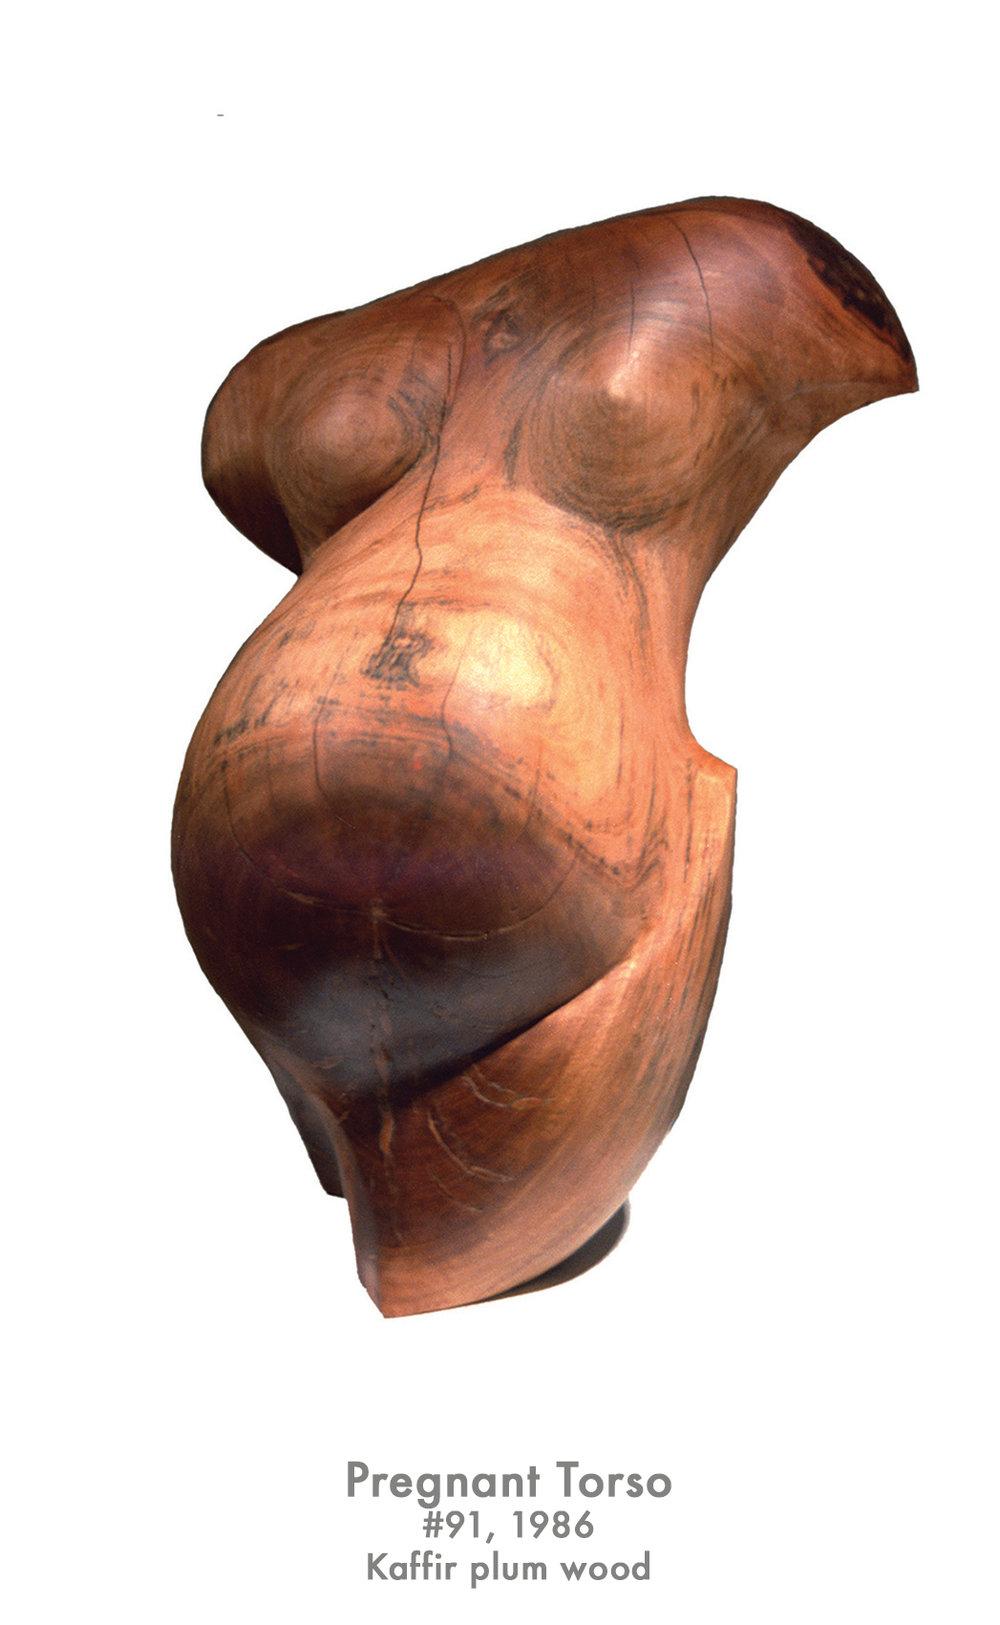 91 Pregnant Torso copy.jpg